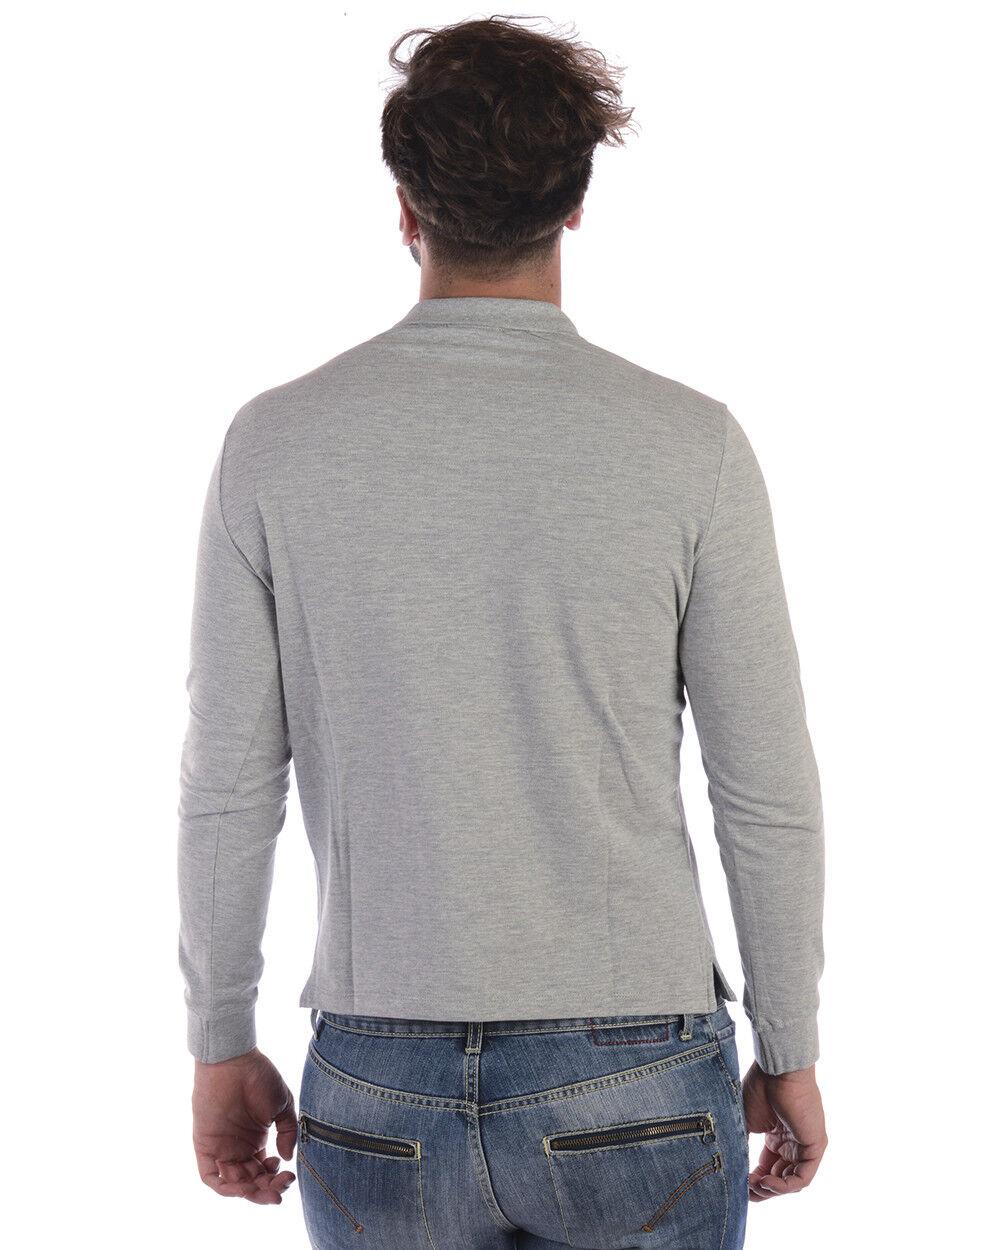 Polo Polo Polo Emporio Armani Shirt Cotone Uomo Grigio 8N1F131J0SZ 616 7d88a8